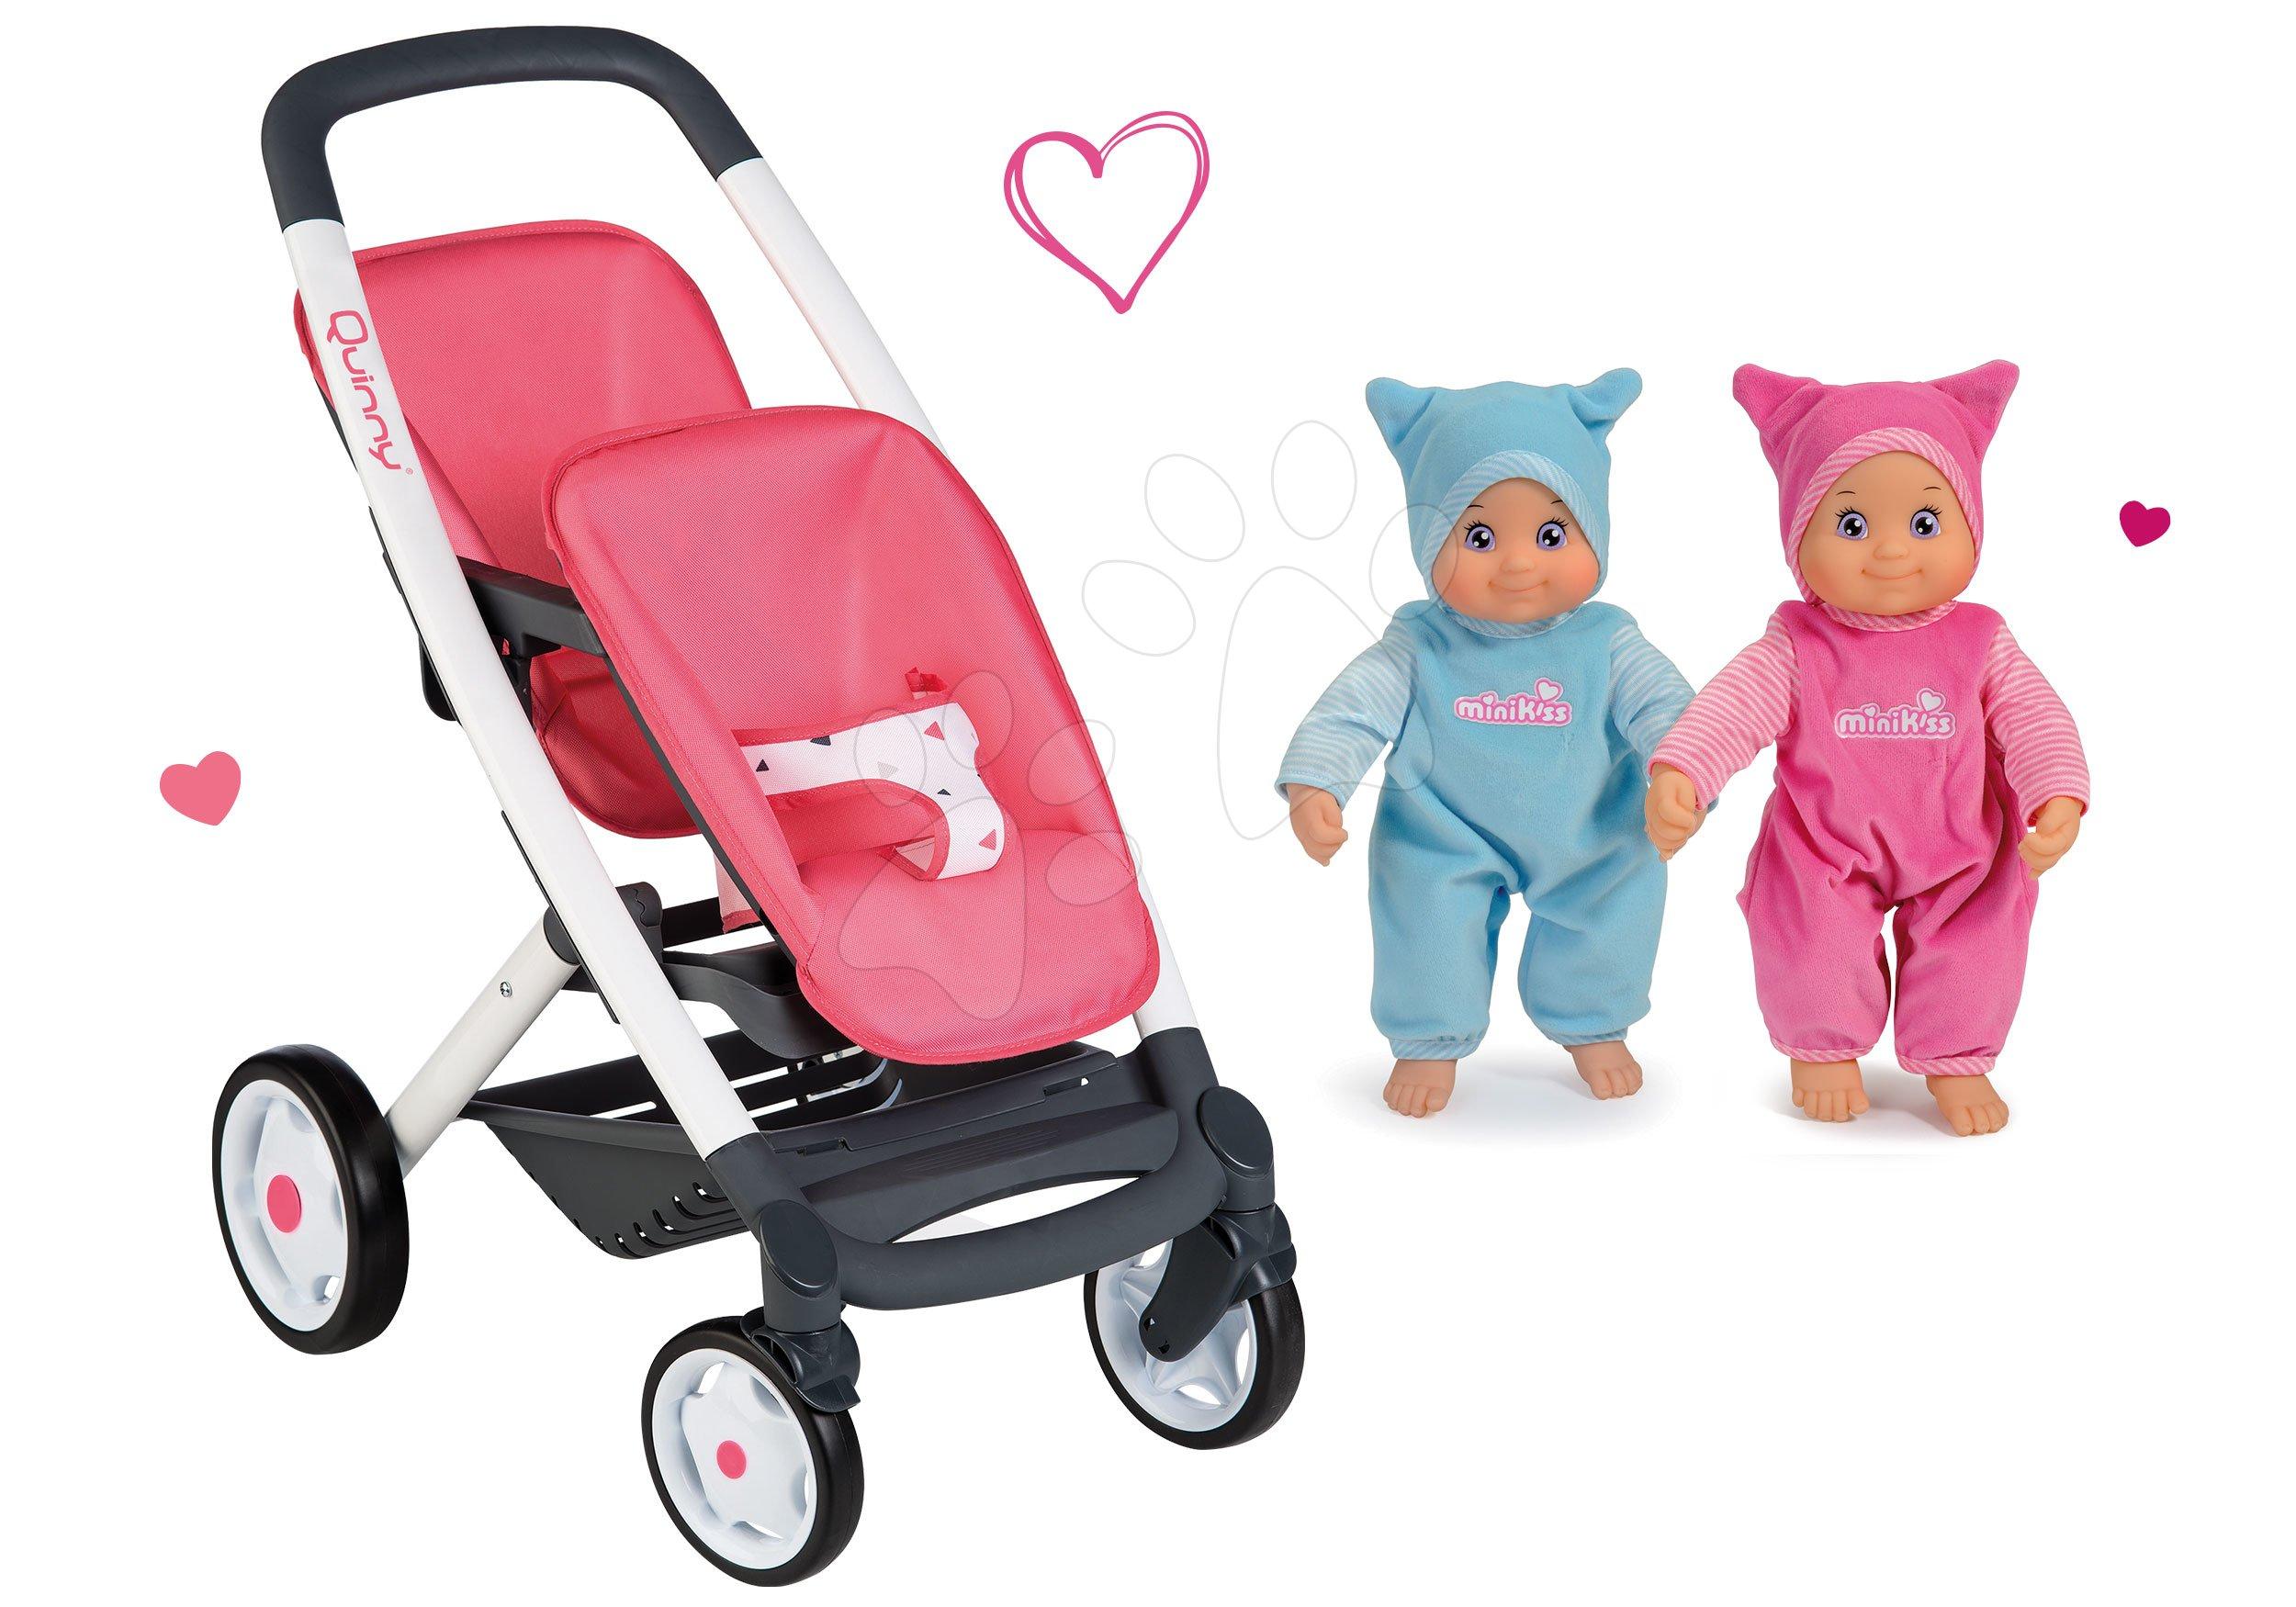 Set kočík pre dve bábiky Twin Trio Pastel Maxi Cosi & Quinny Smoby a bábiky dvojičky MiniKiss so zvukom